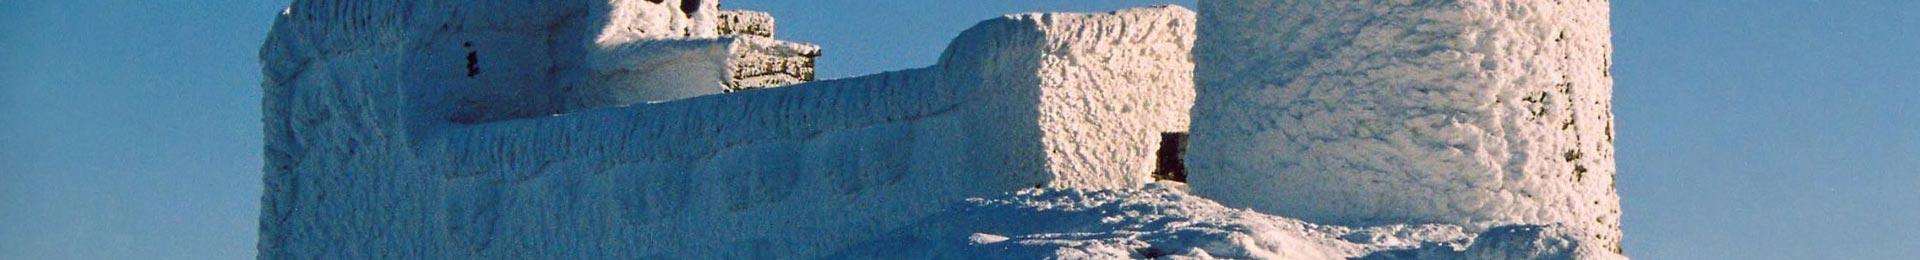 Білий слон. Похід по зимовій Чорногорі